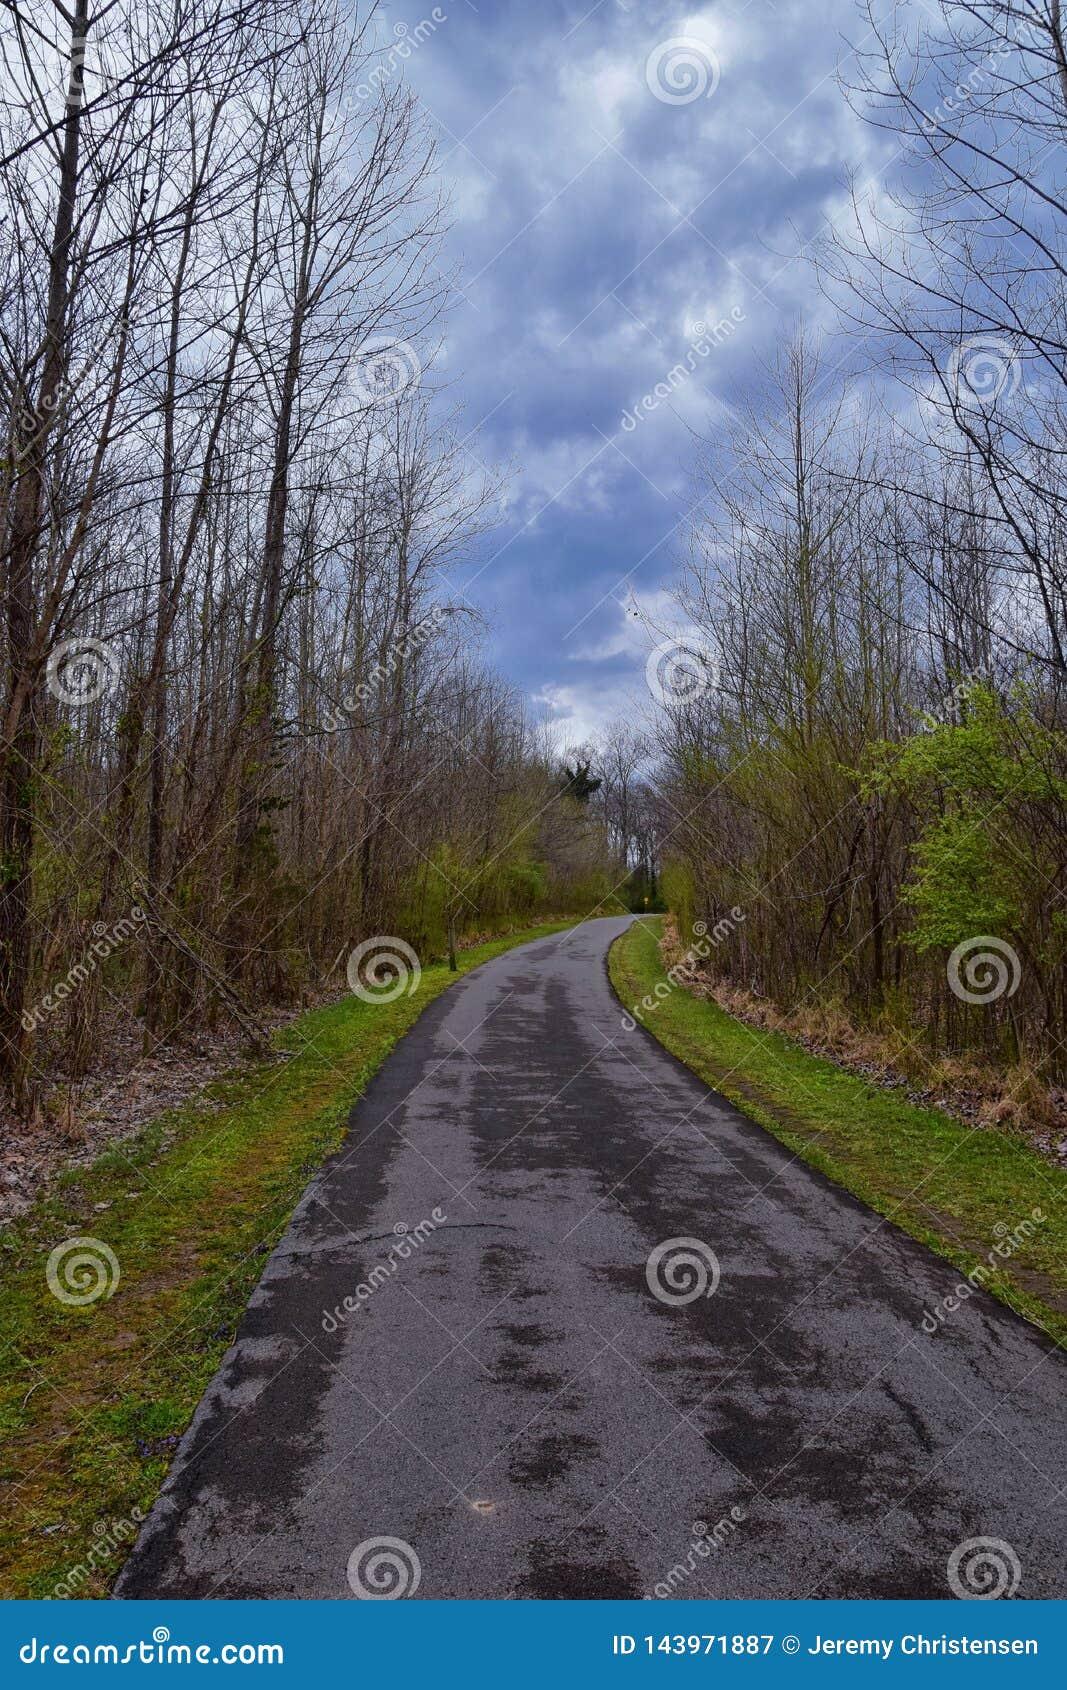 Vistas de la naturaleza y de caminos a lo largo de Shelby Bottoms Greenway y de los rastros naturales del ataque frontal del río